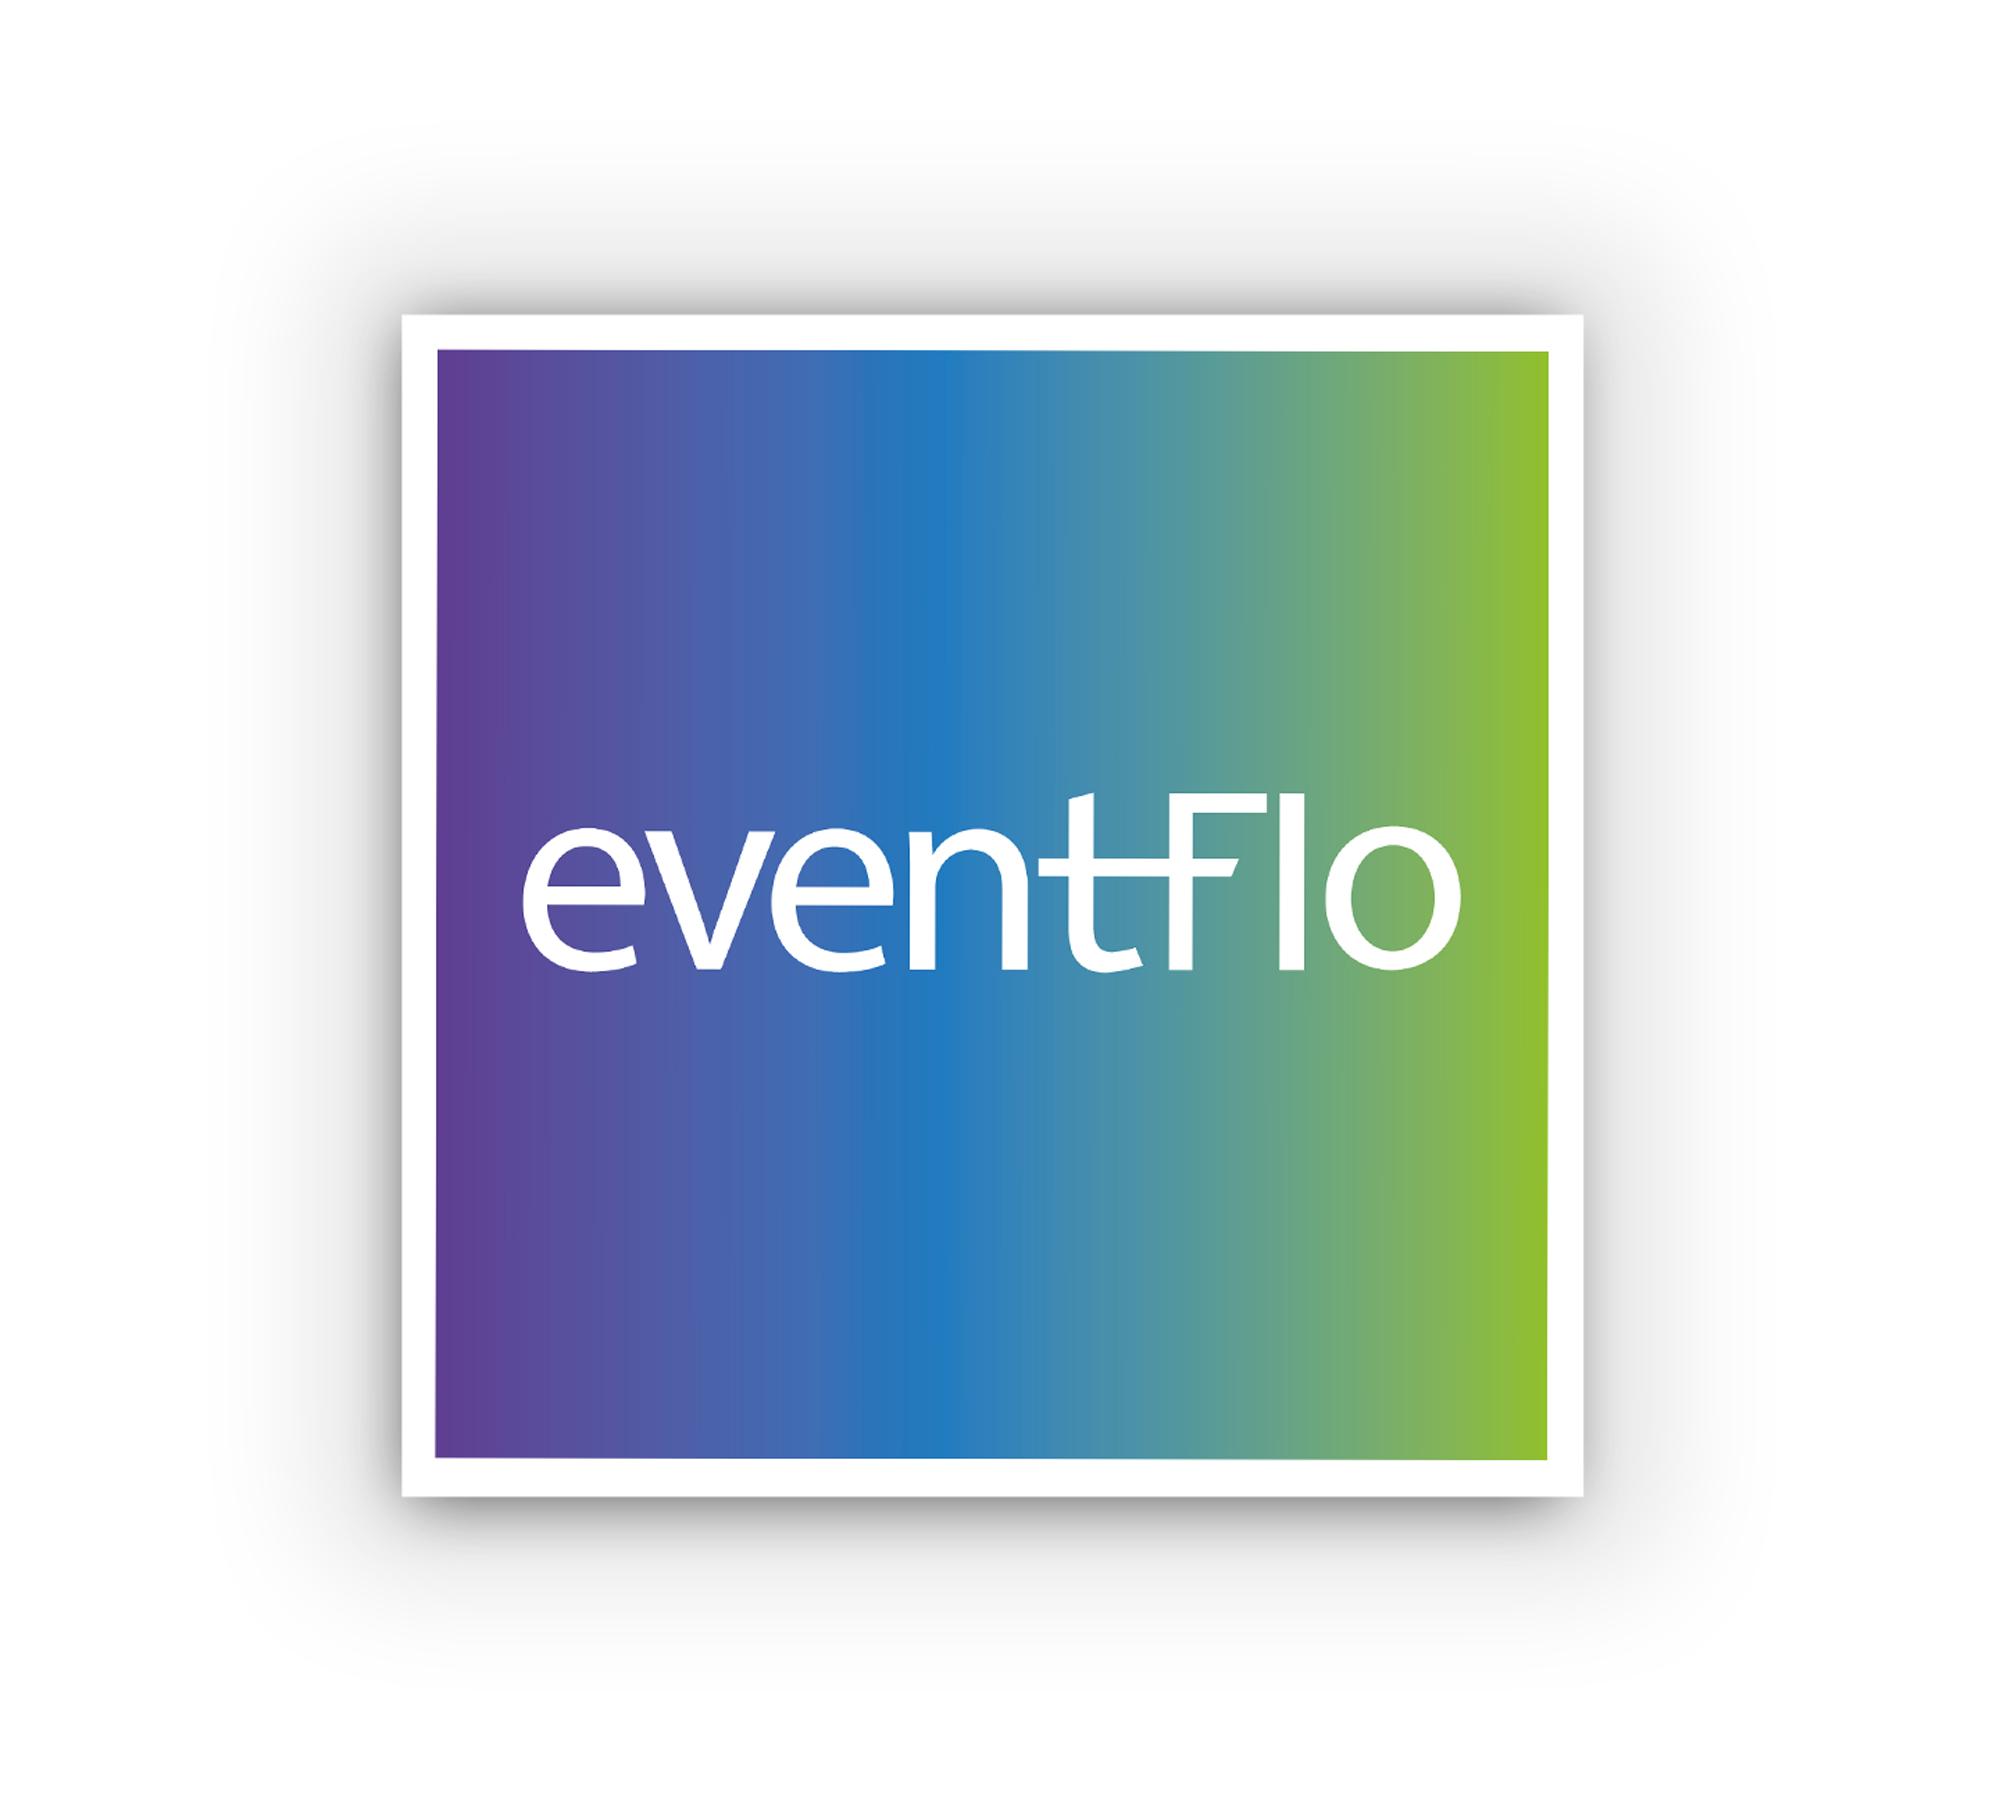 eventflo_2